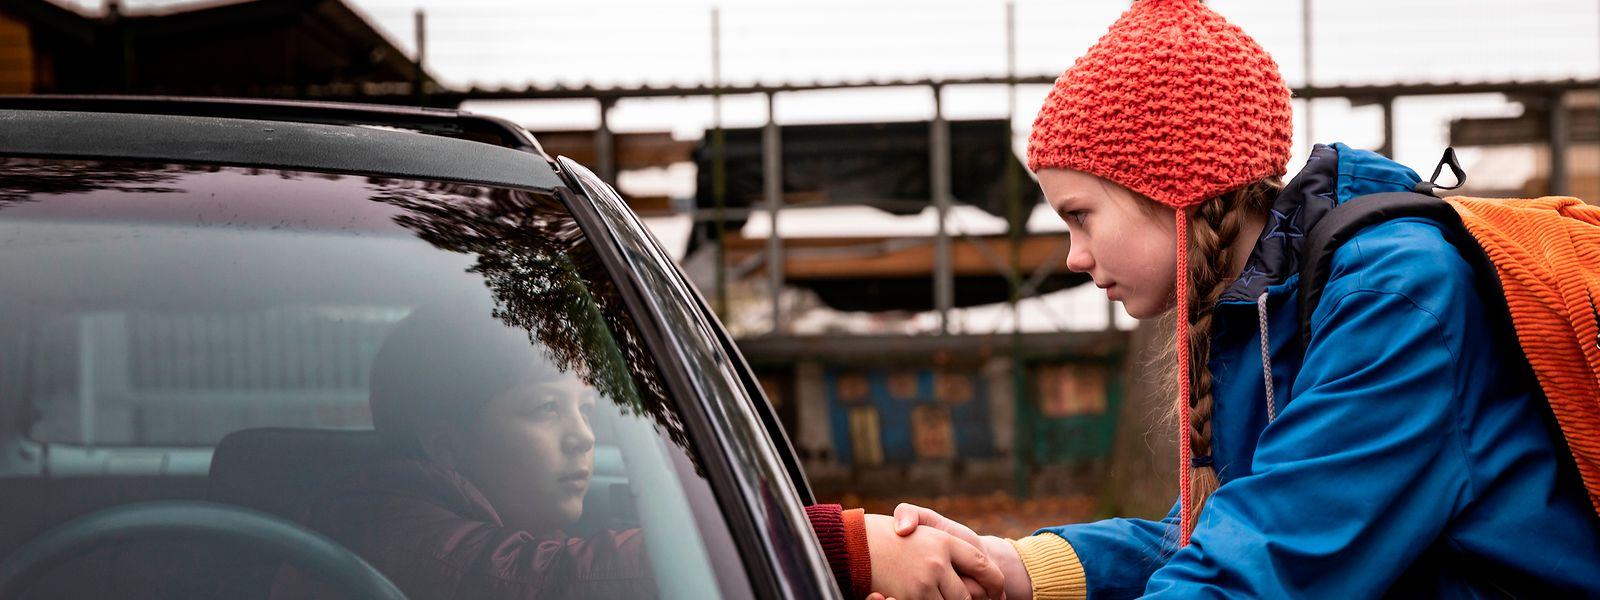 Deal! Ulja (r.) bricht mit Henk zu einem Abenteuer nach Belarus auf.